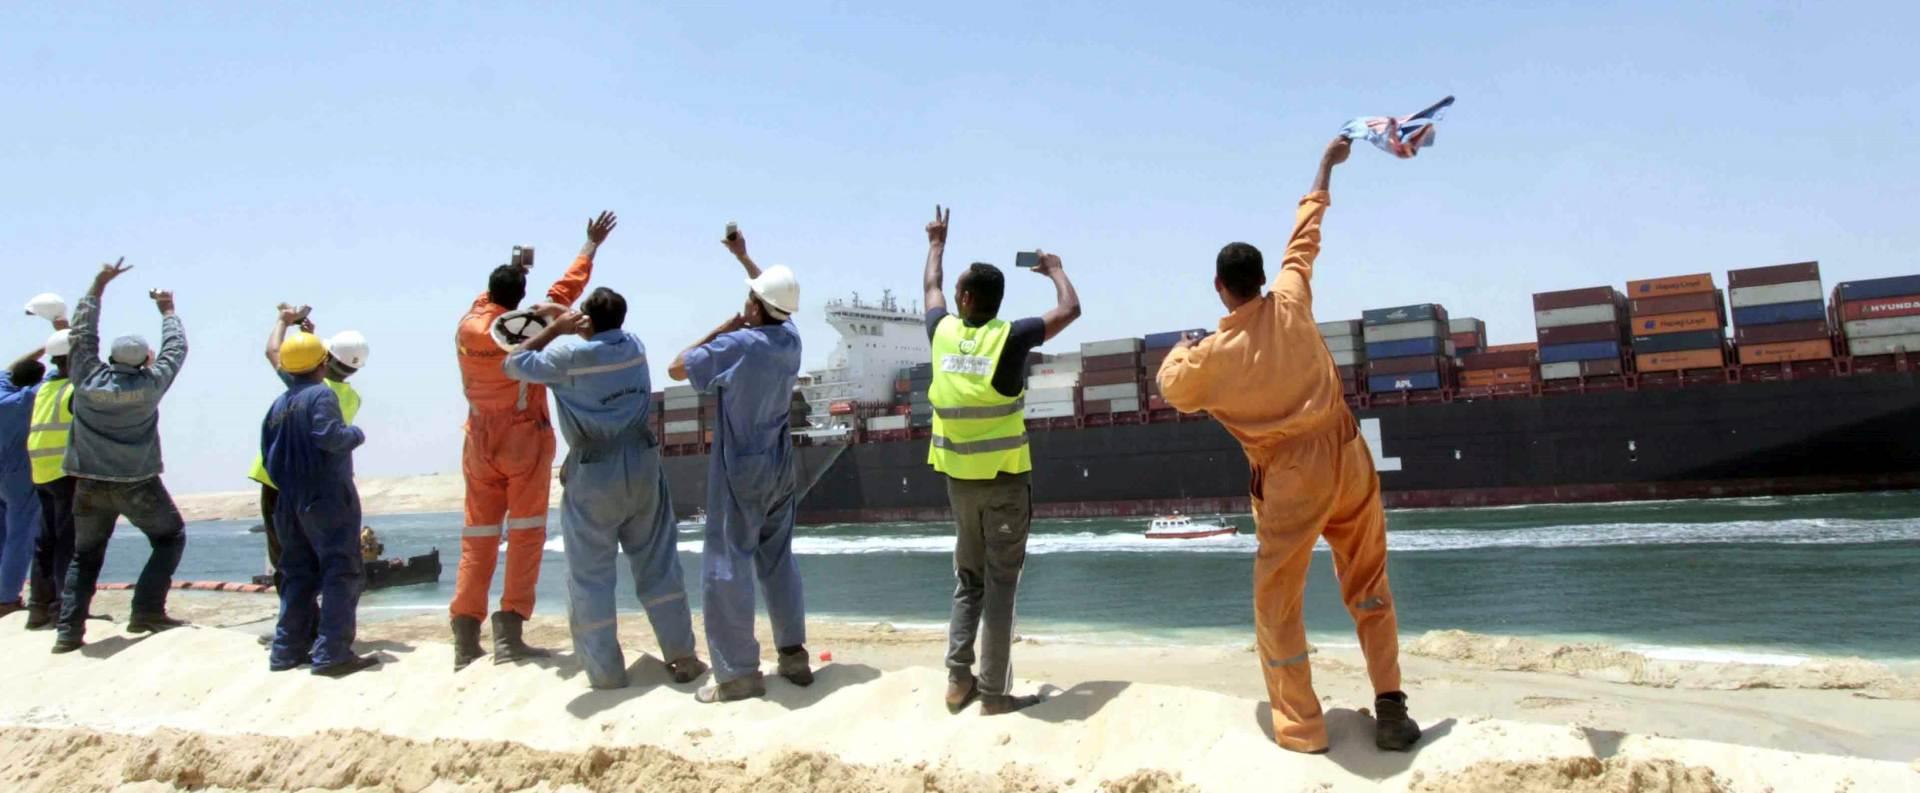 HRVATSKA BEZ PREDSTAVNIKA: Nitko ne želi ići na otvaranje novog Sueskog kanala